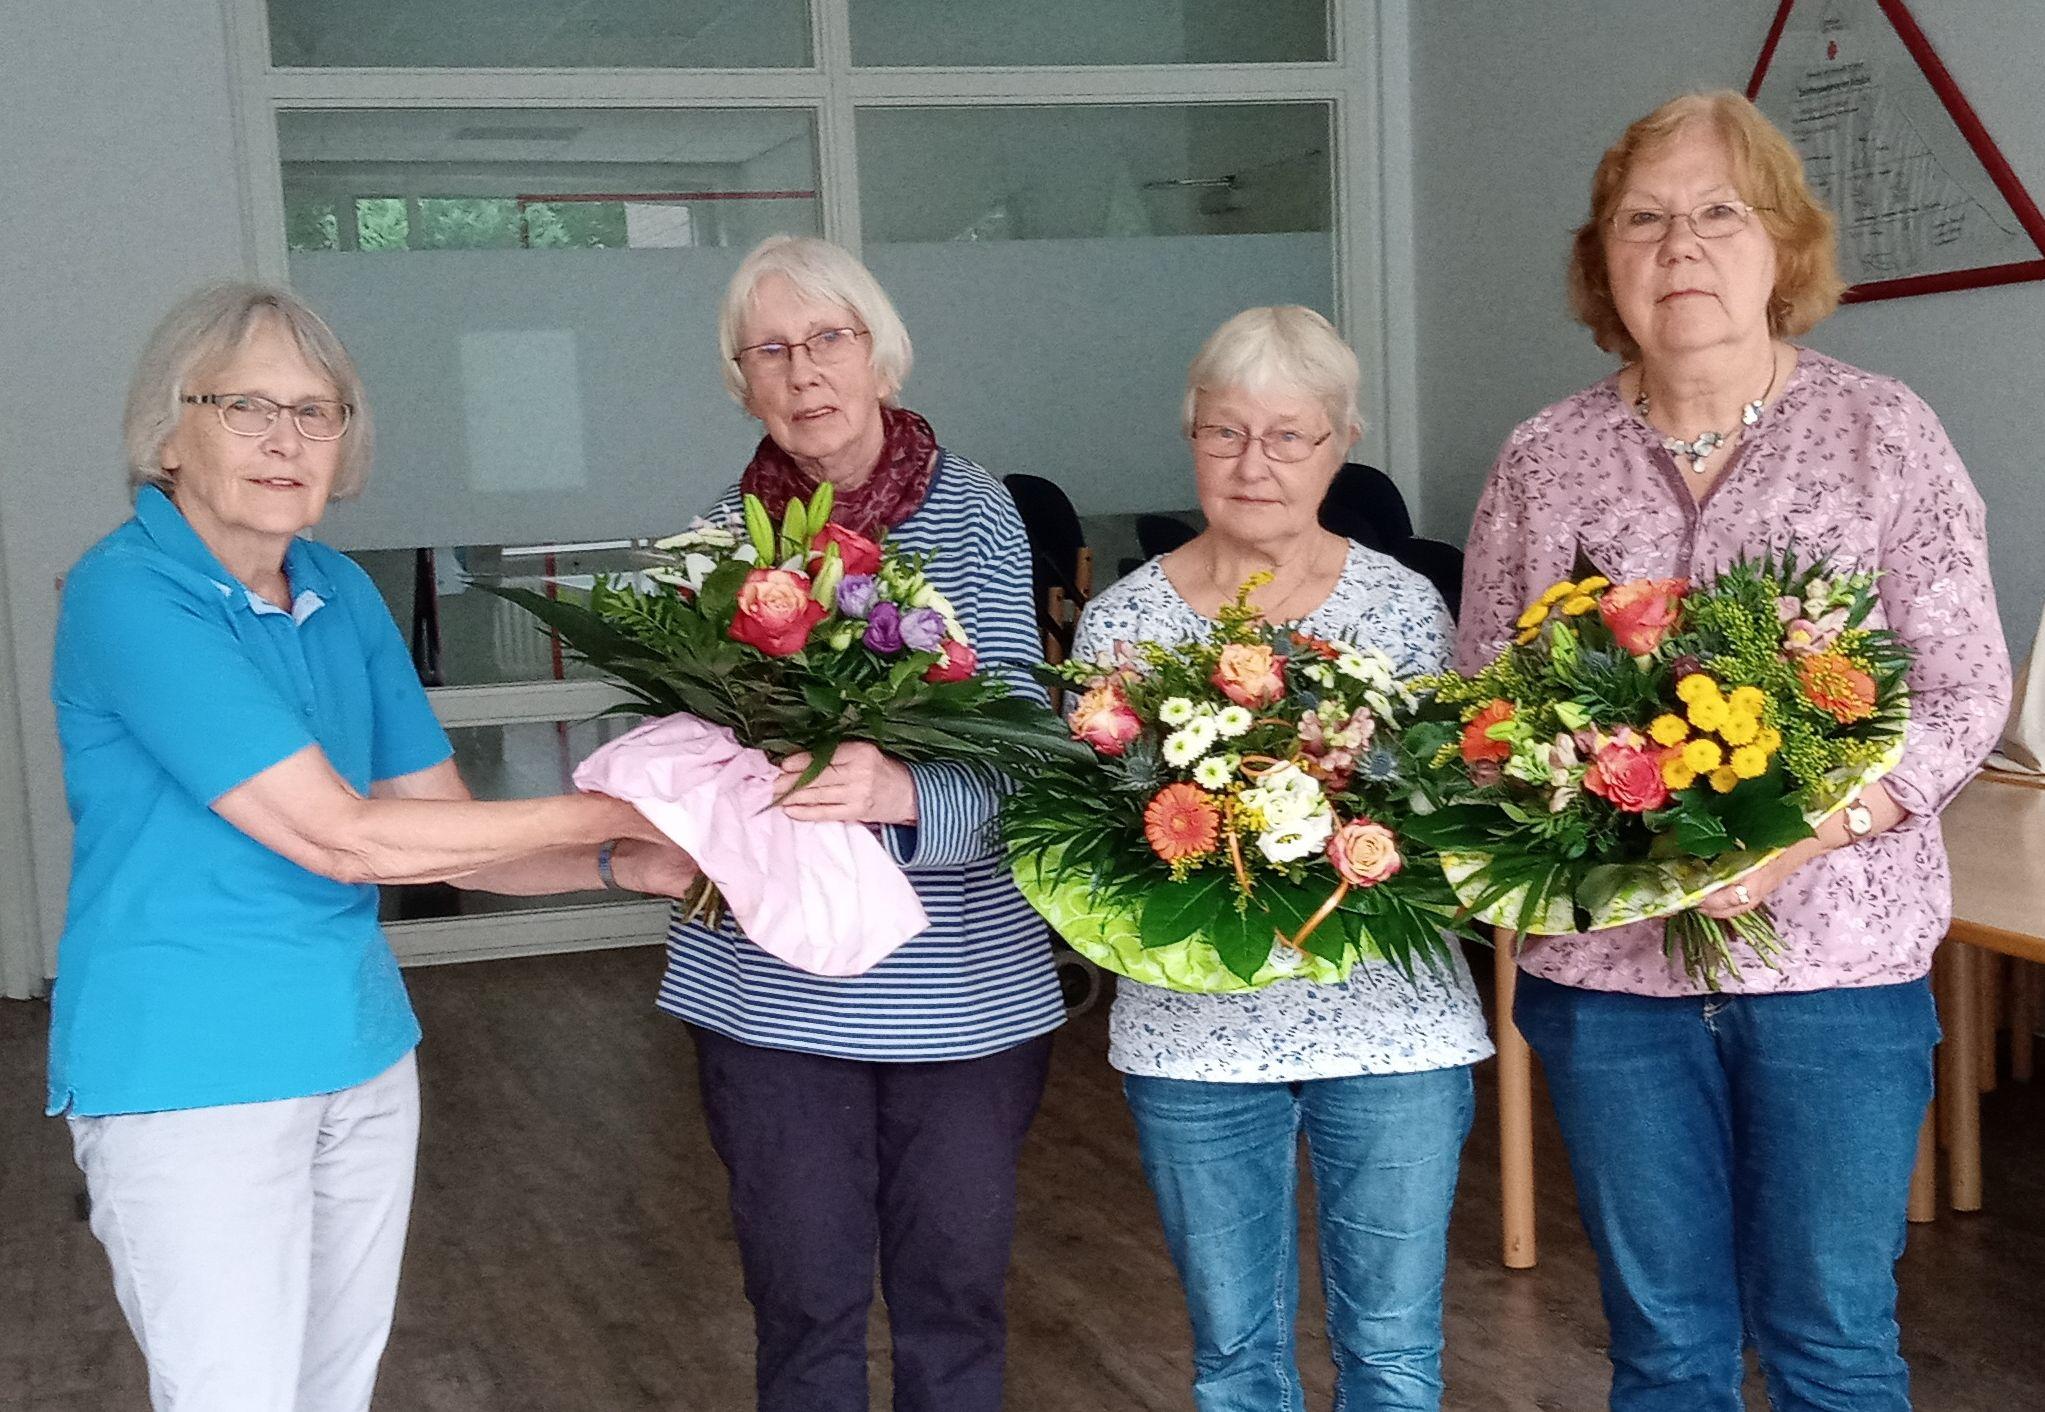 Verabschiedung aus dem Team des internationalen Frauencafé – Blumengruß für ehrenamtlichen Einsatz